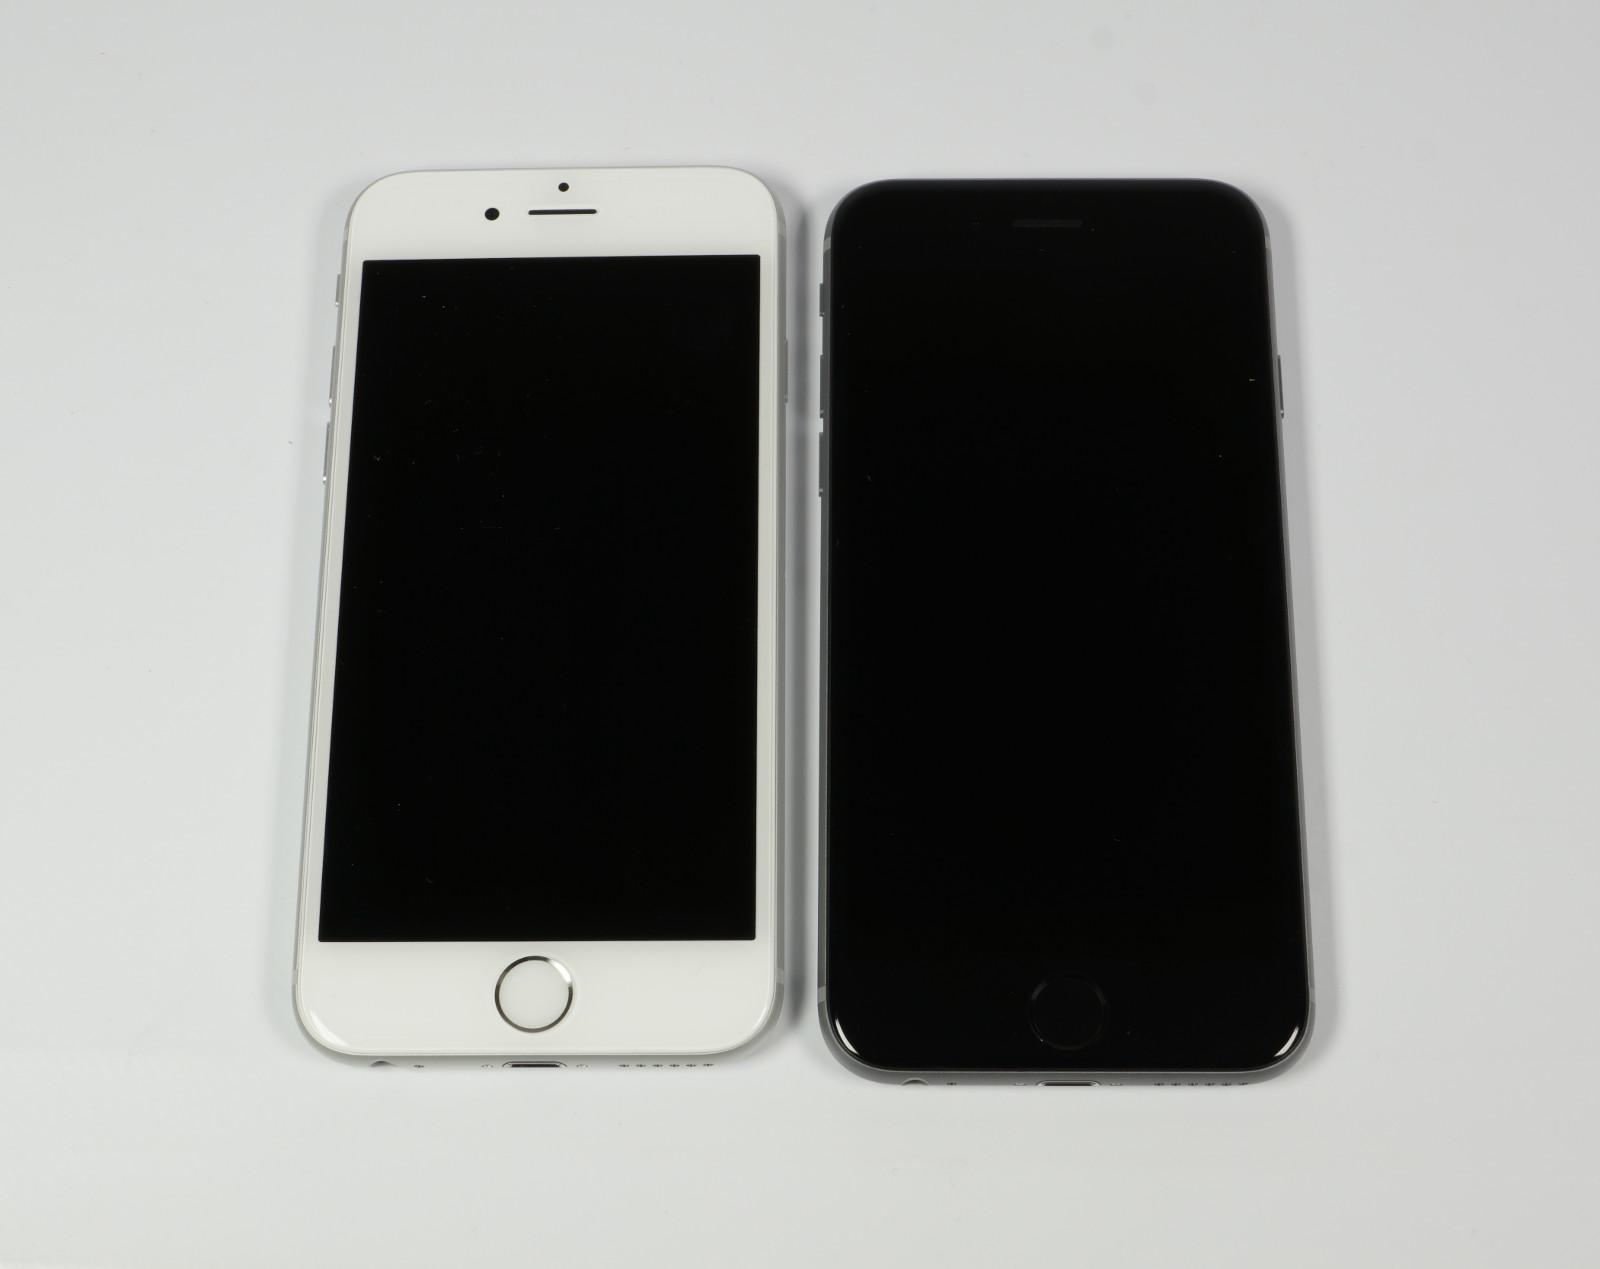 test apple iphone 6s im finger steckt die kraft. Black Bedroom Furniture Sets. Home Design Ideas